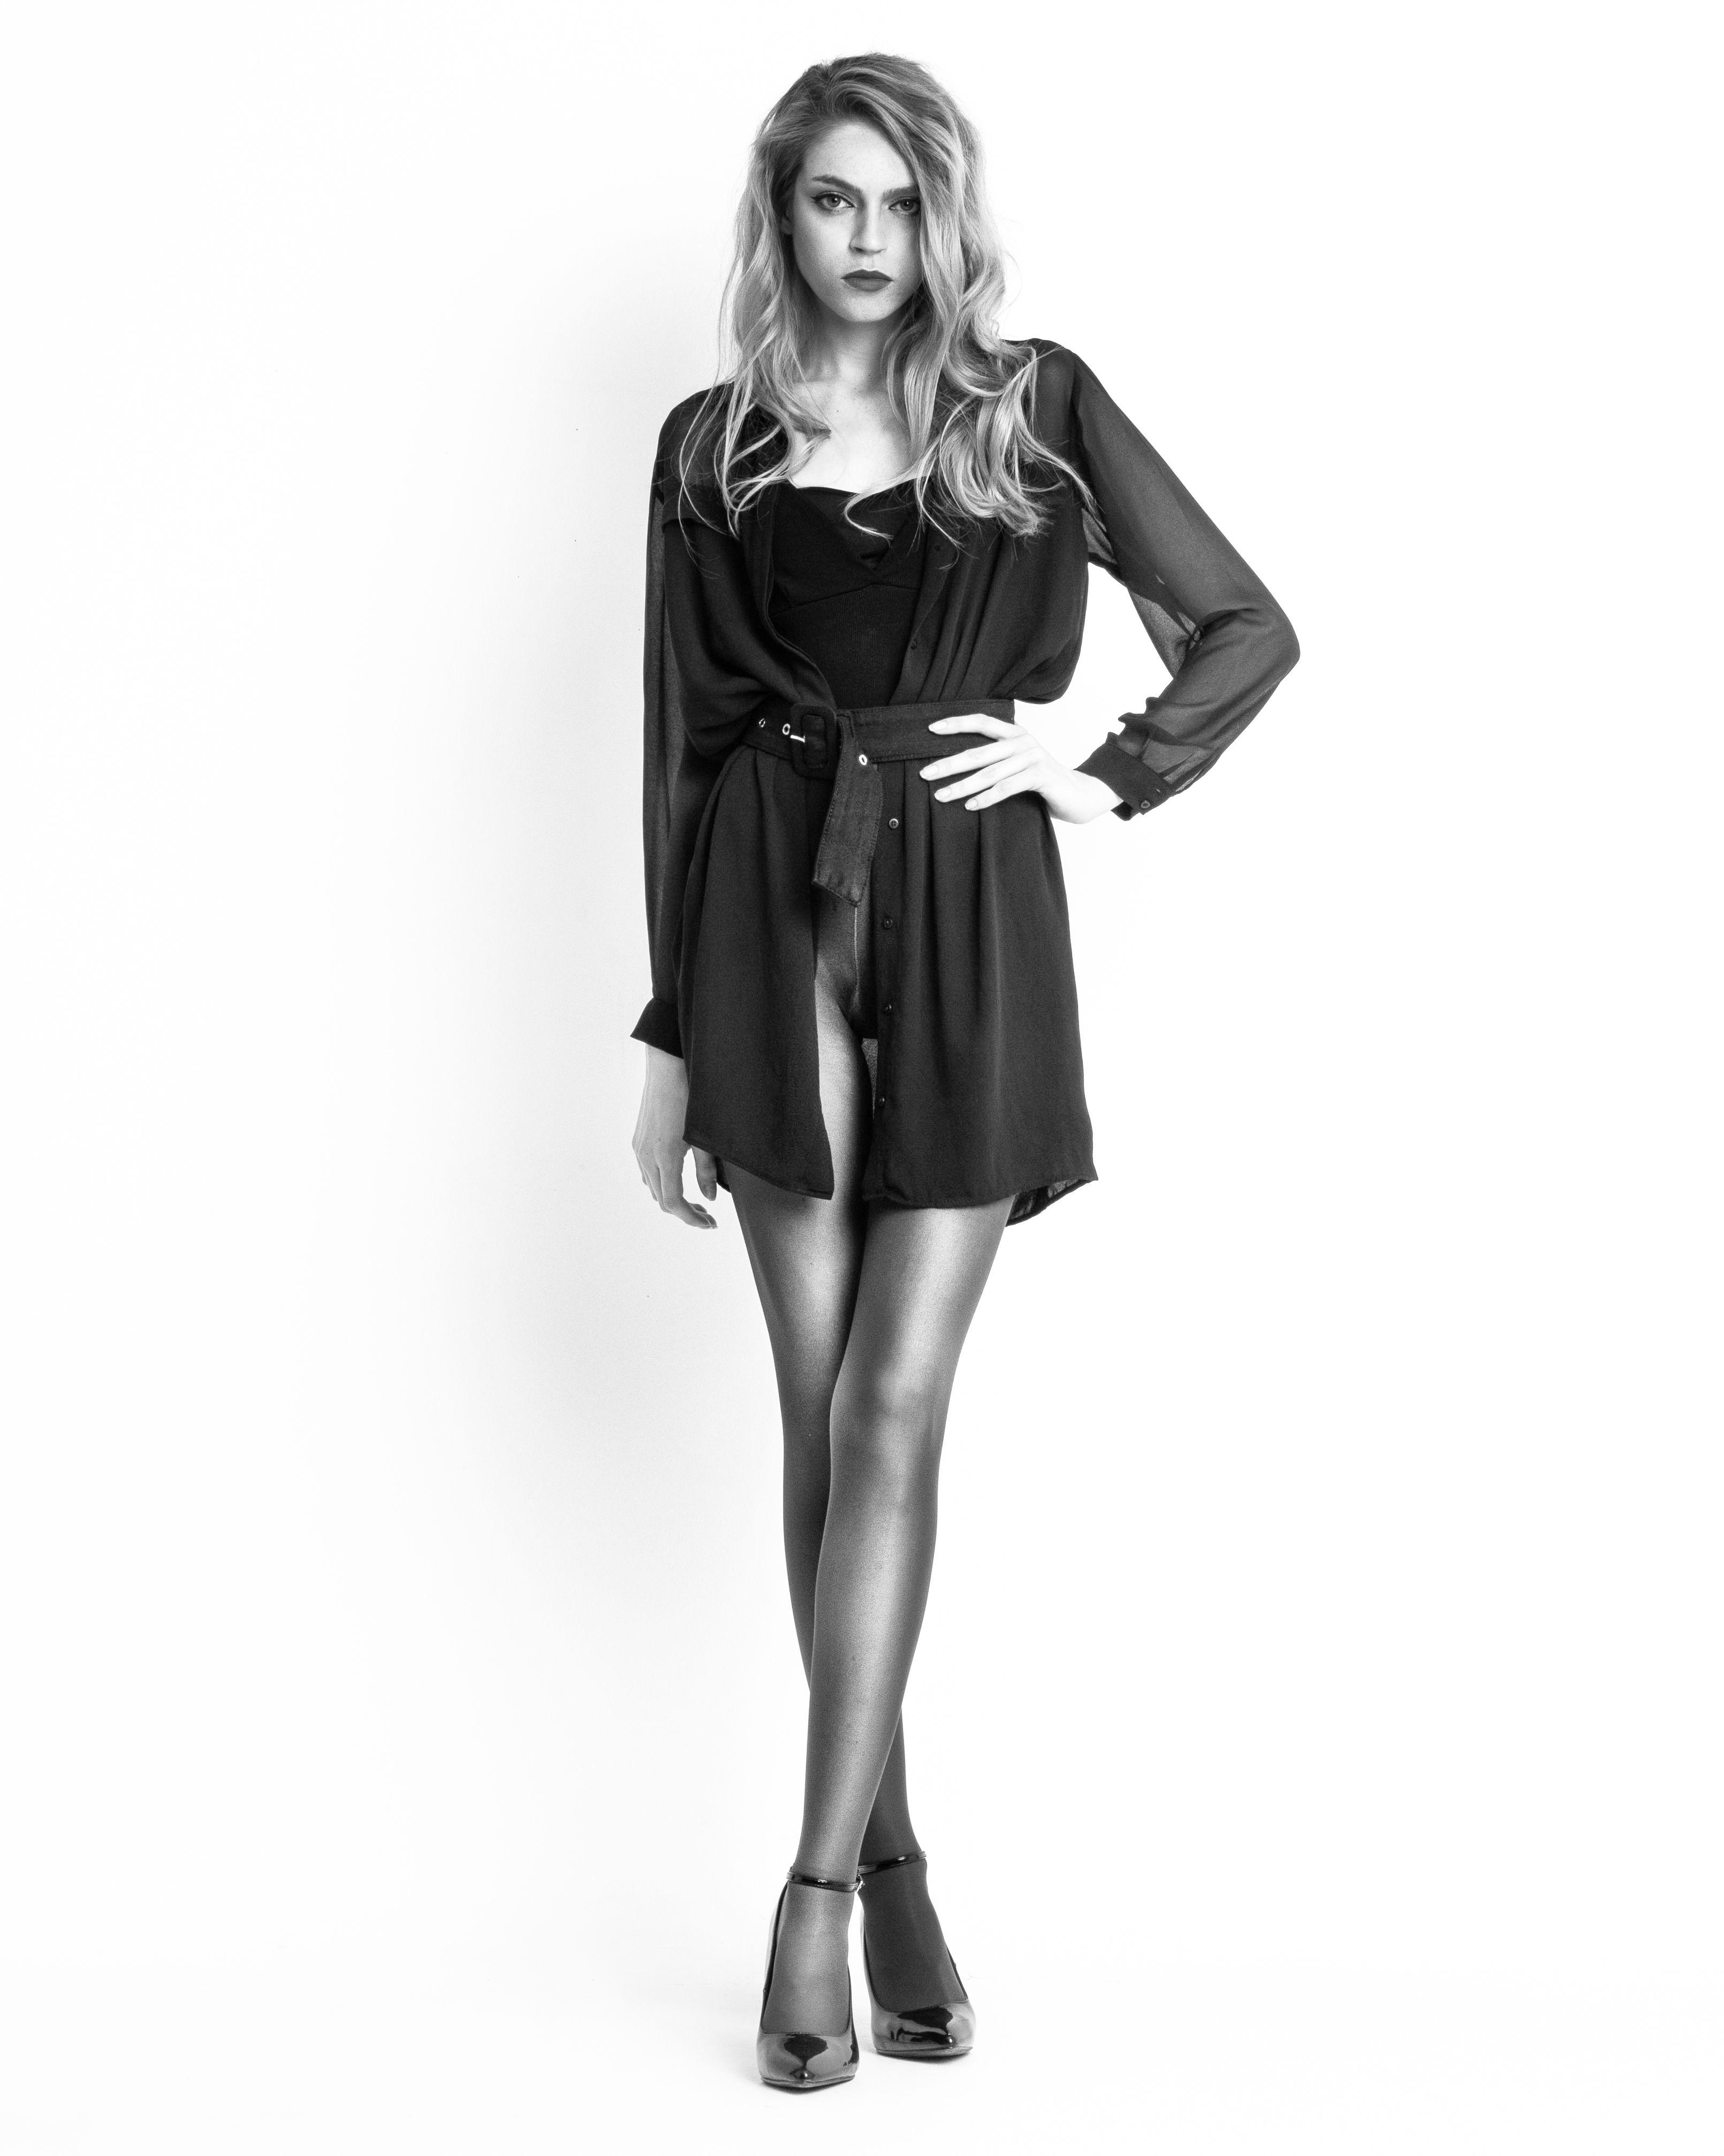 девушка,красивая,портрет,чб,колготки, Дмитрий Александров